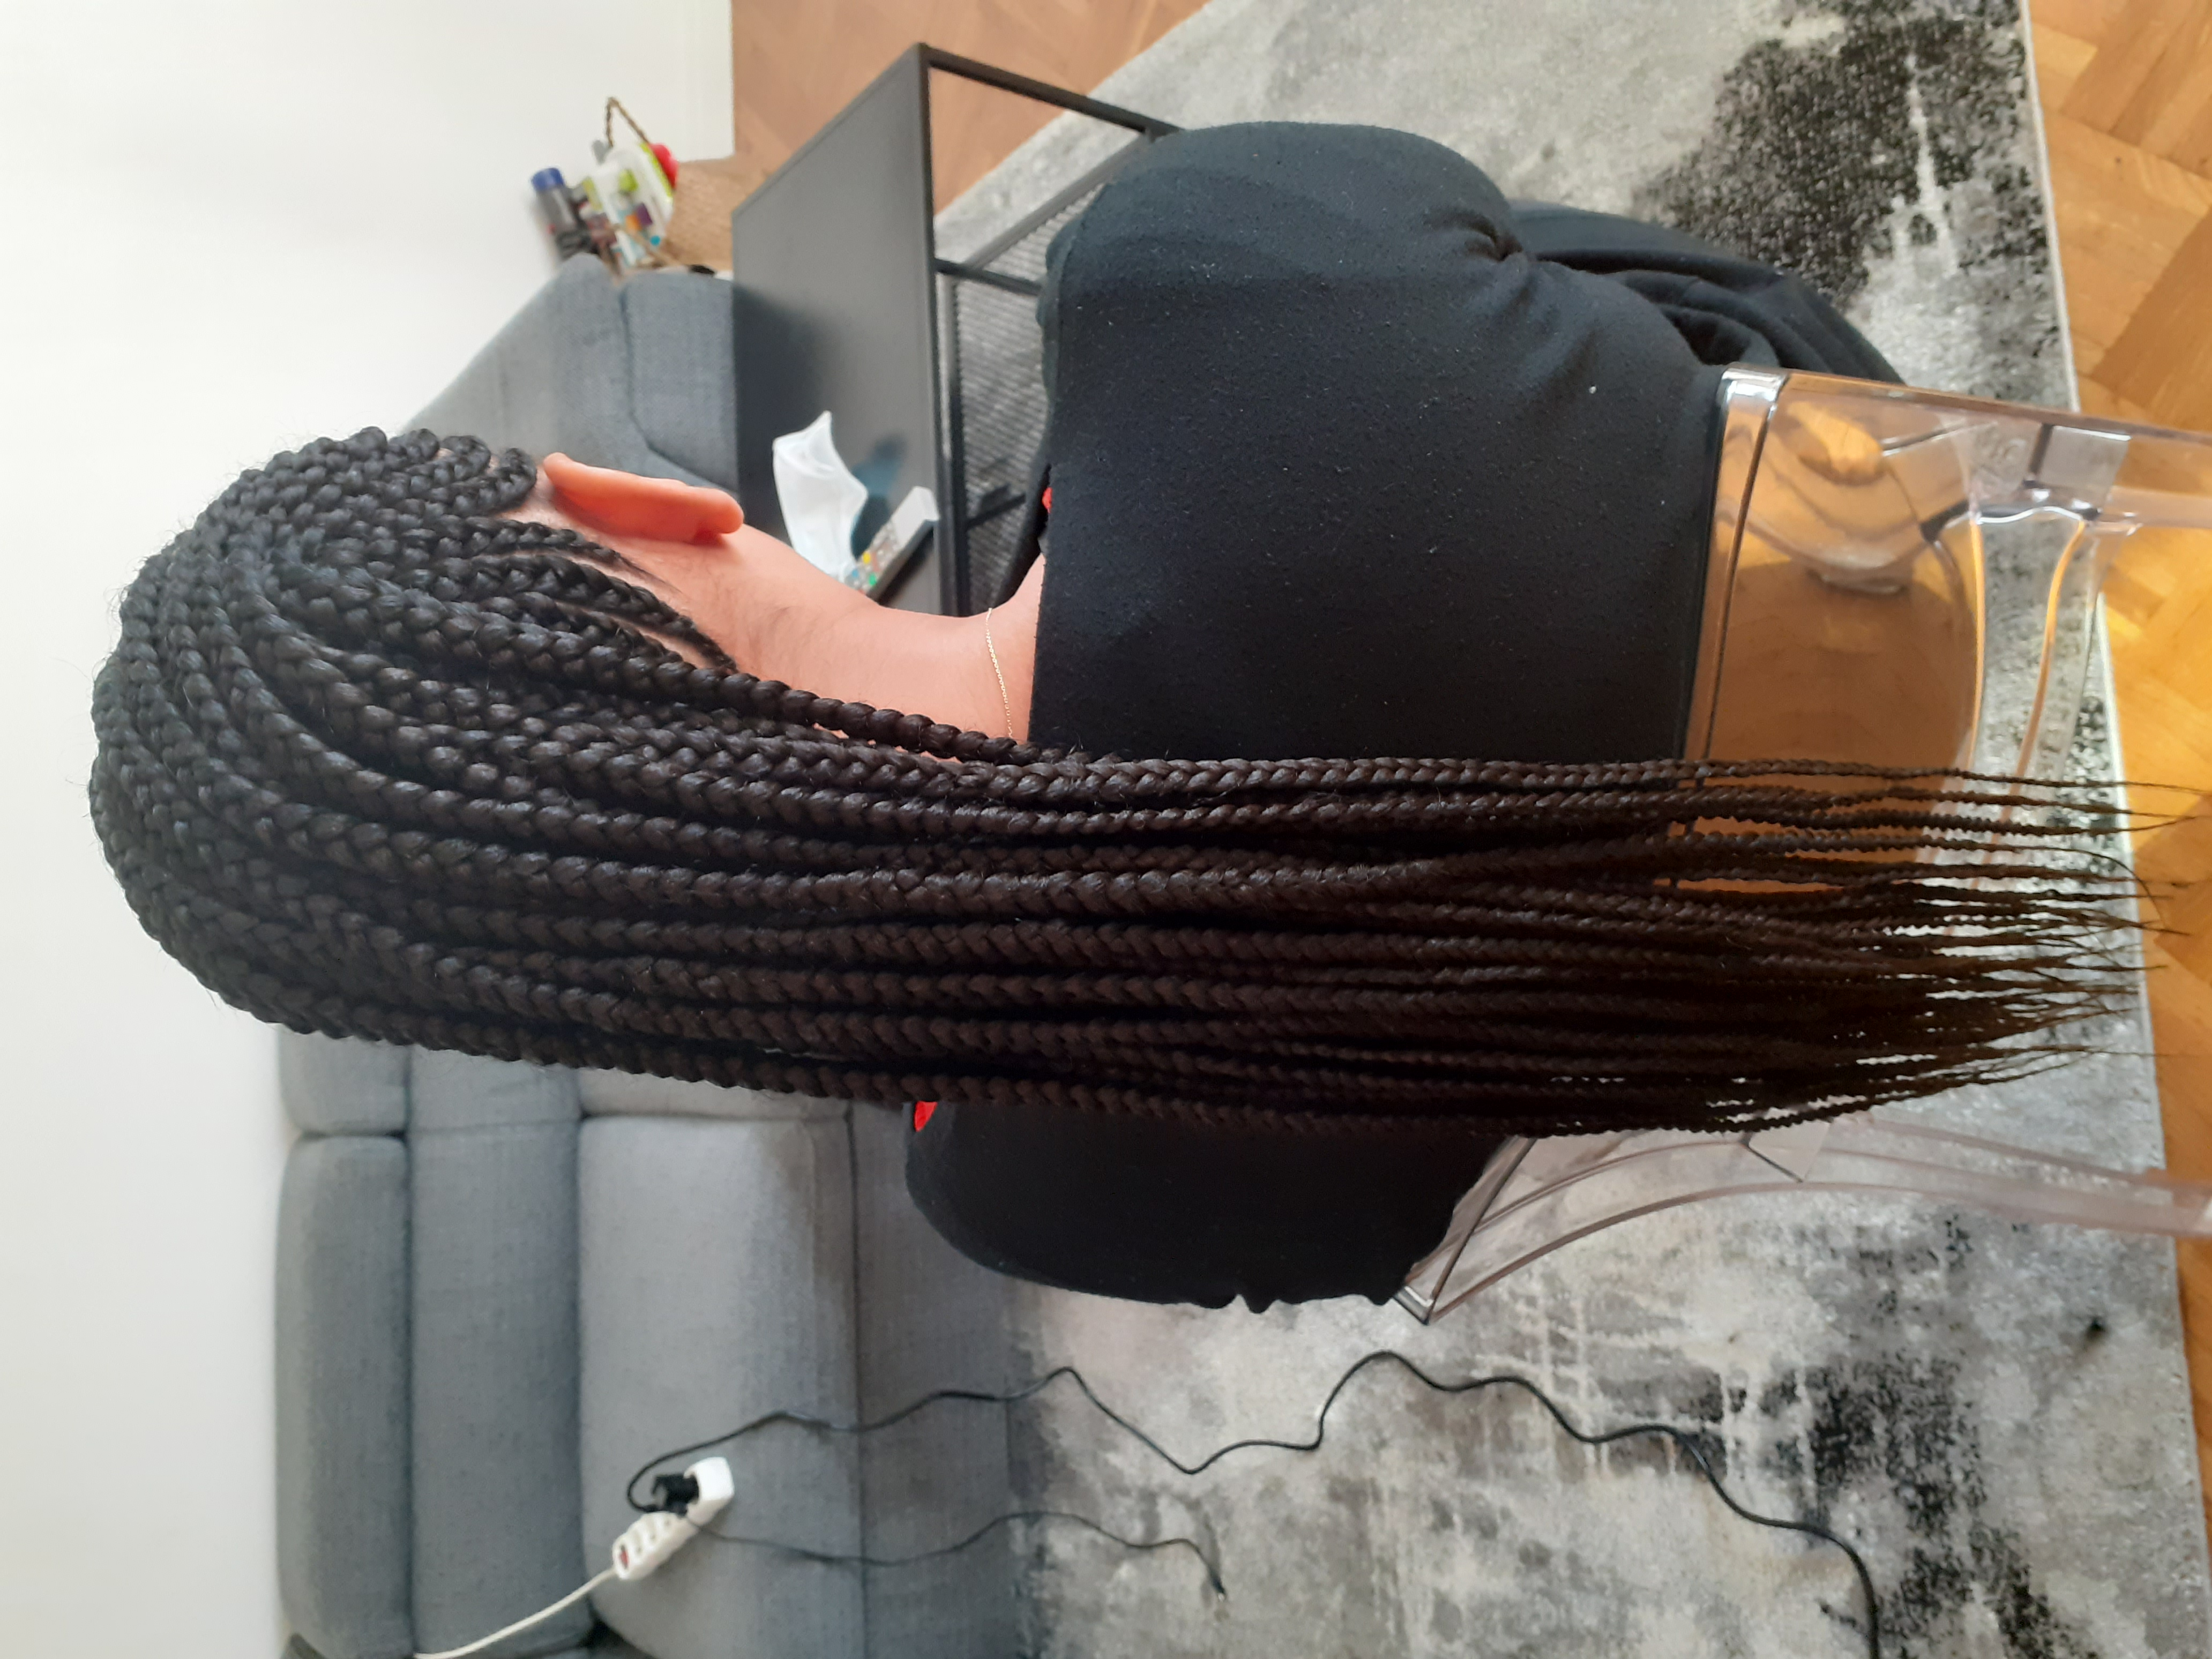 salon de coiffure afro tresse tresses box braids crochet braids vanilles tissages paris 75 77 78 91 92 93 94 95 RHISHQNM